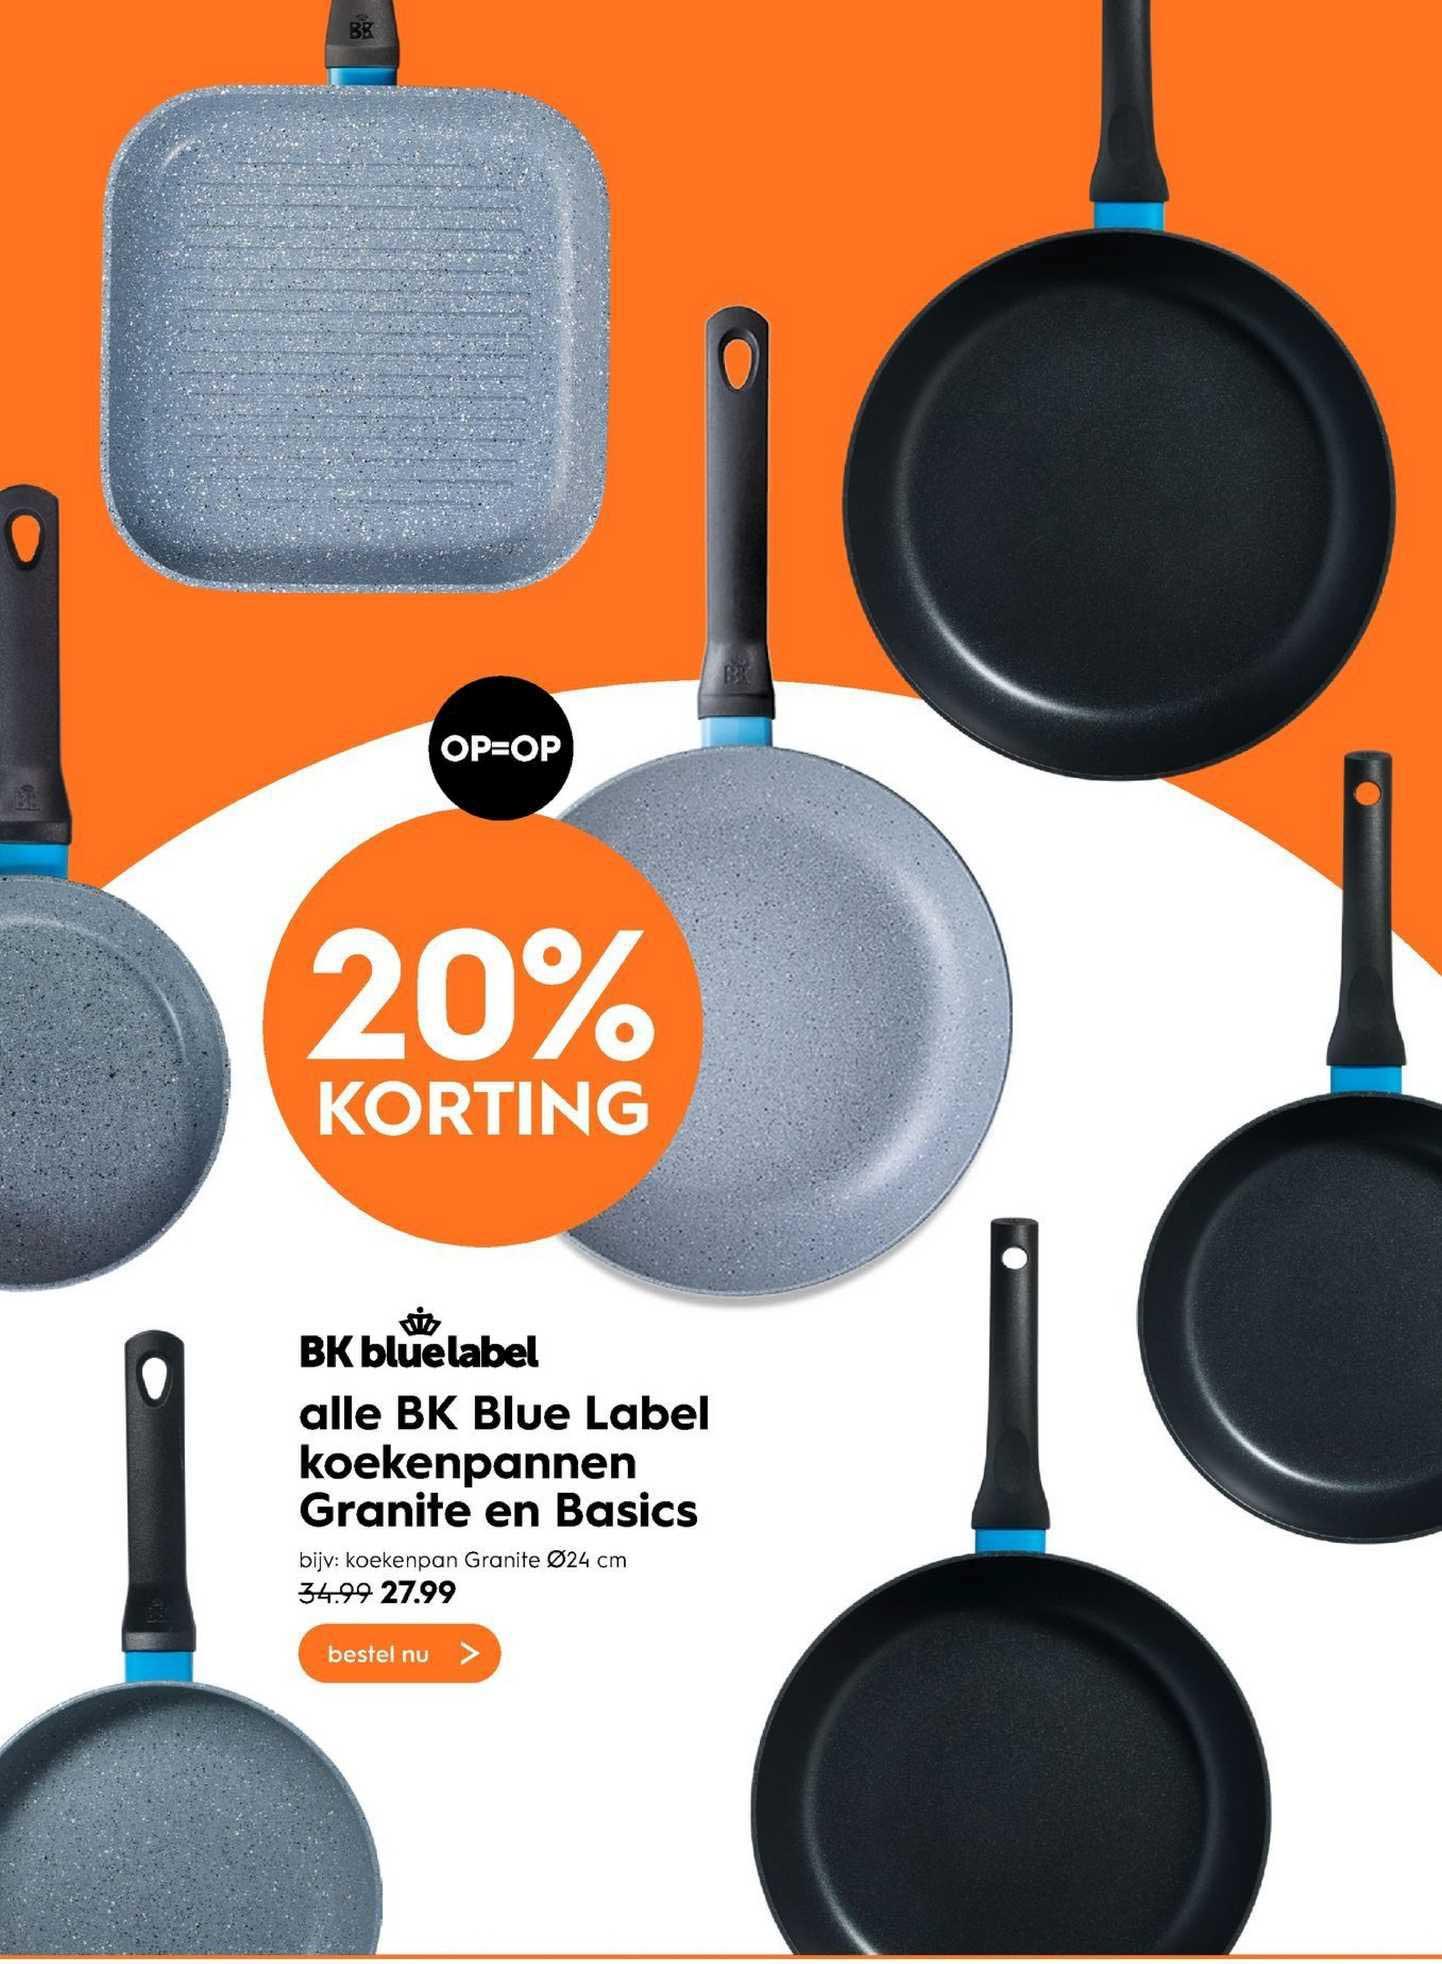 Blokker Alle BK Blue Label Koekenpannen Granite En Basics 20% Korting